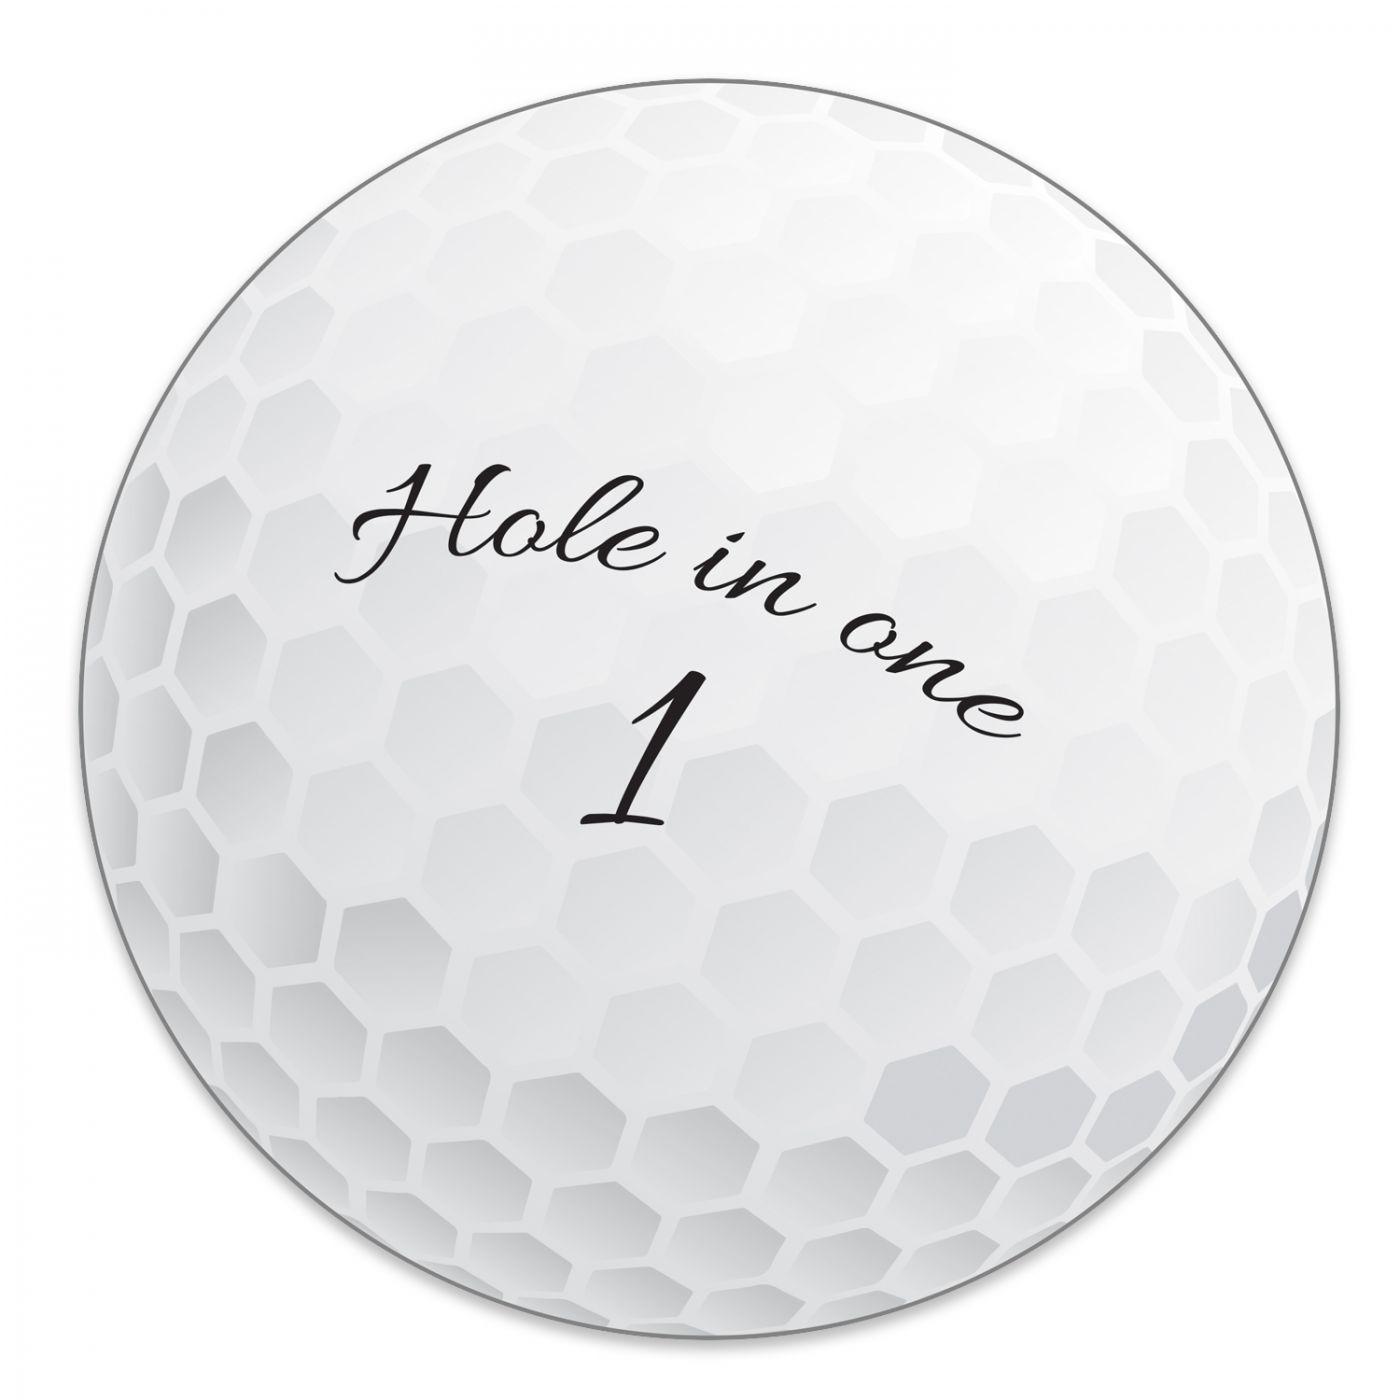 Golf Ball Cutout image